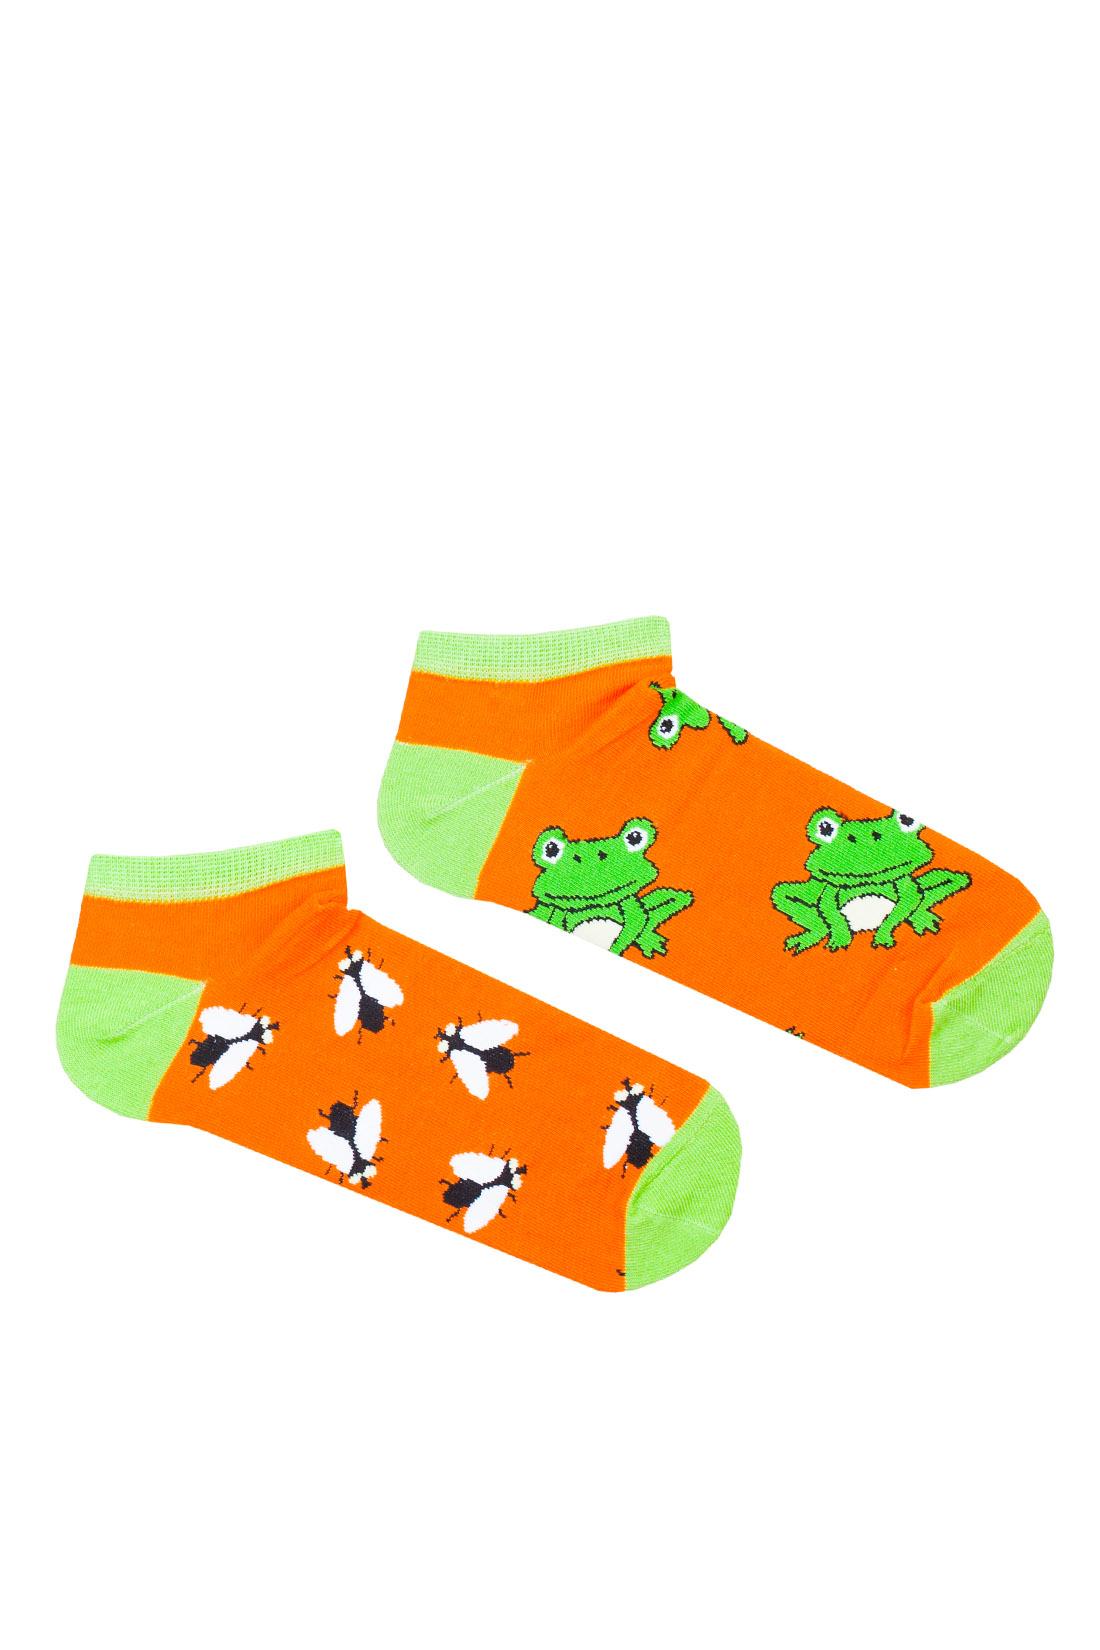 Kolorowe stopki męskie/damskie, w żaby i muchy, na pomarańczowym tle